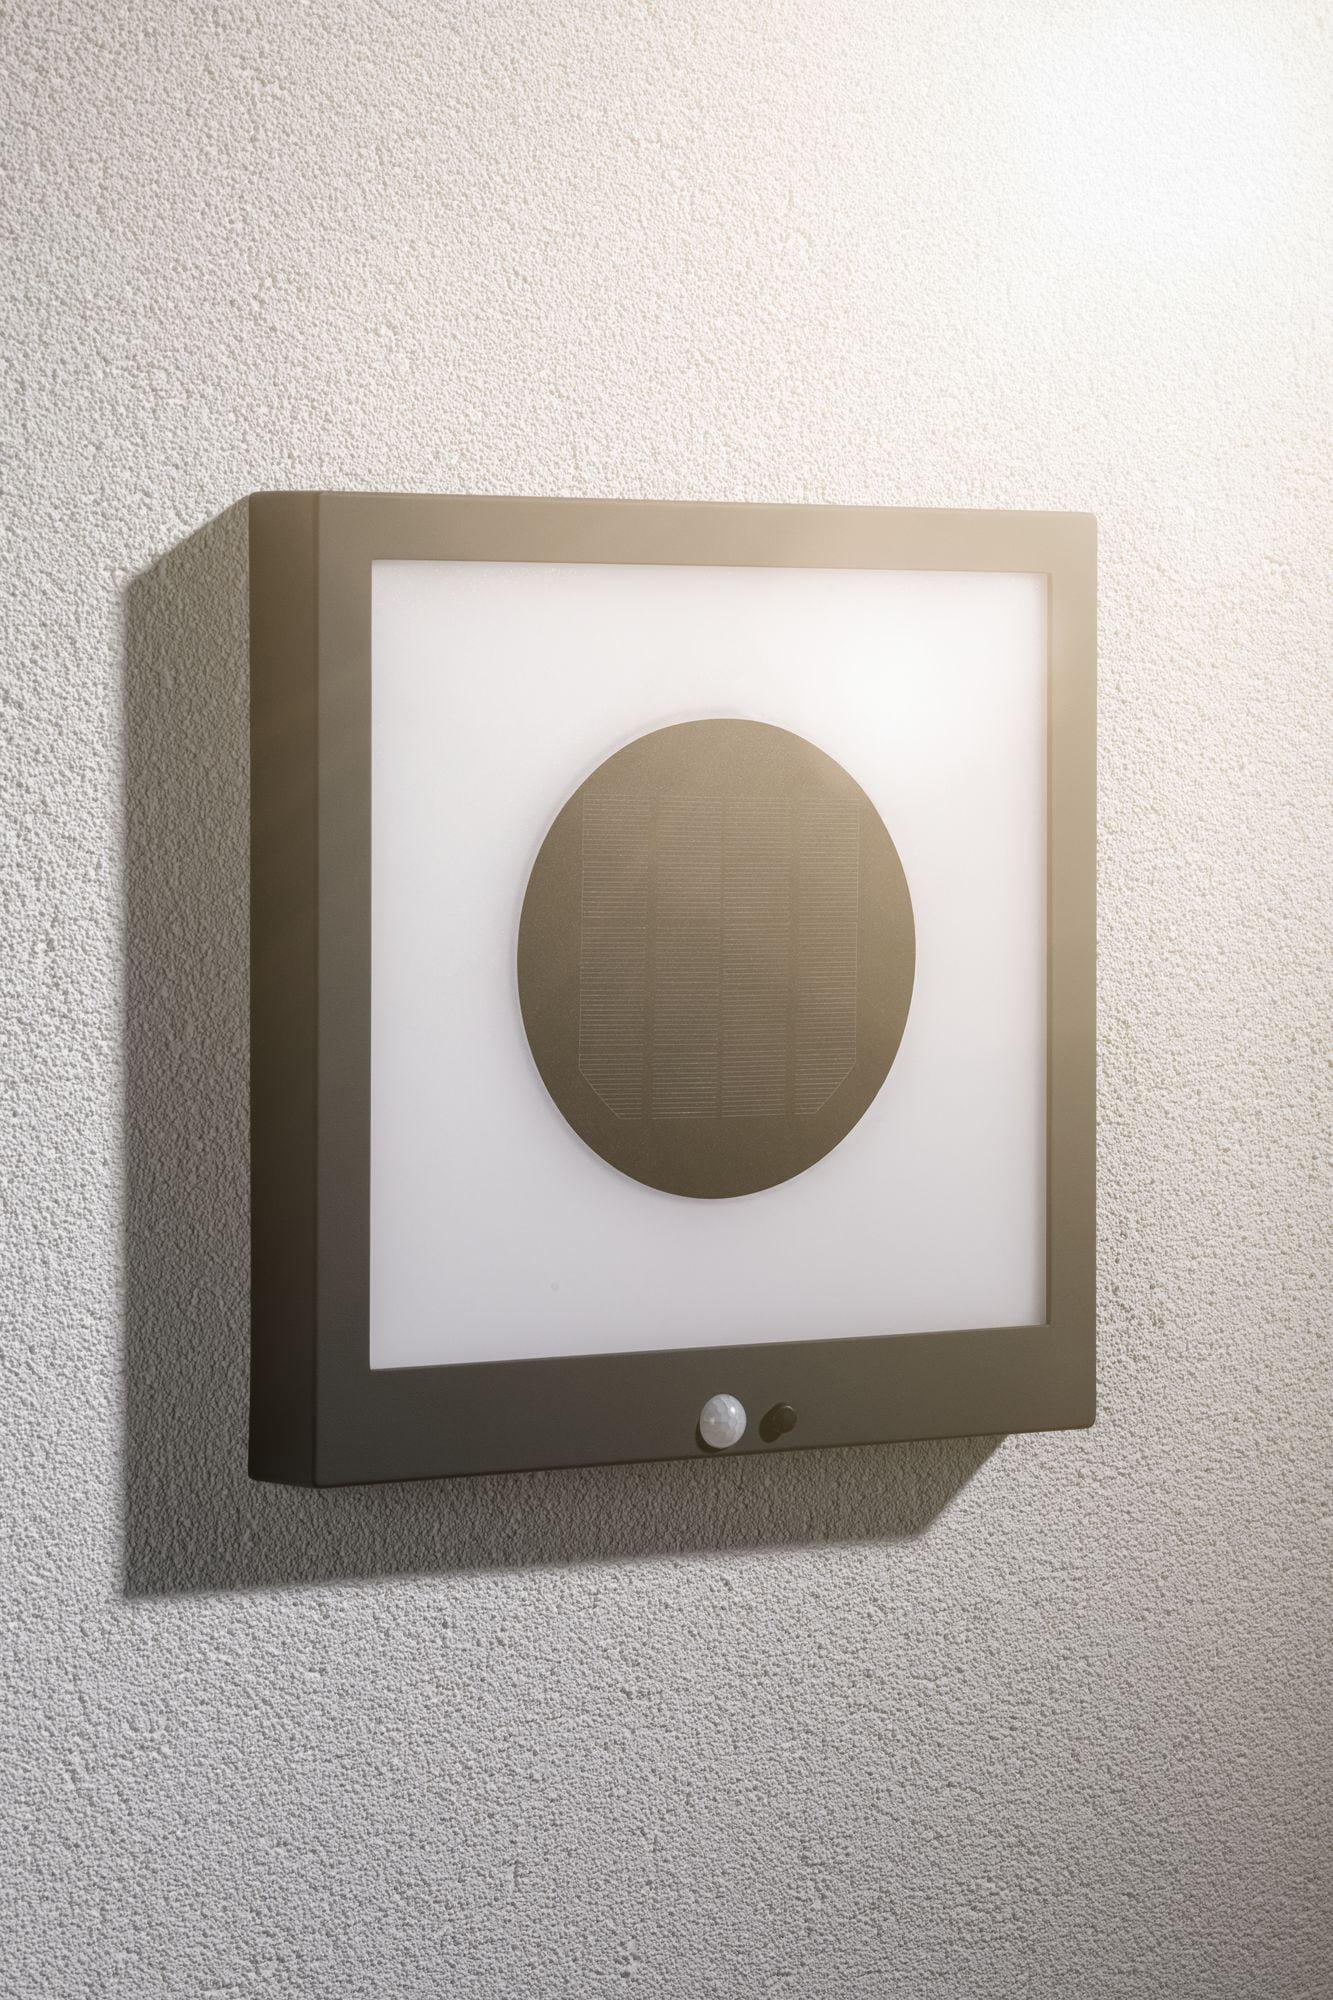 Paulmann LED Außen-Wandleuchte Taija, LED-Board, 1 St., Warmweiß, Solar Panel, mit Bewegungsmelder